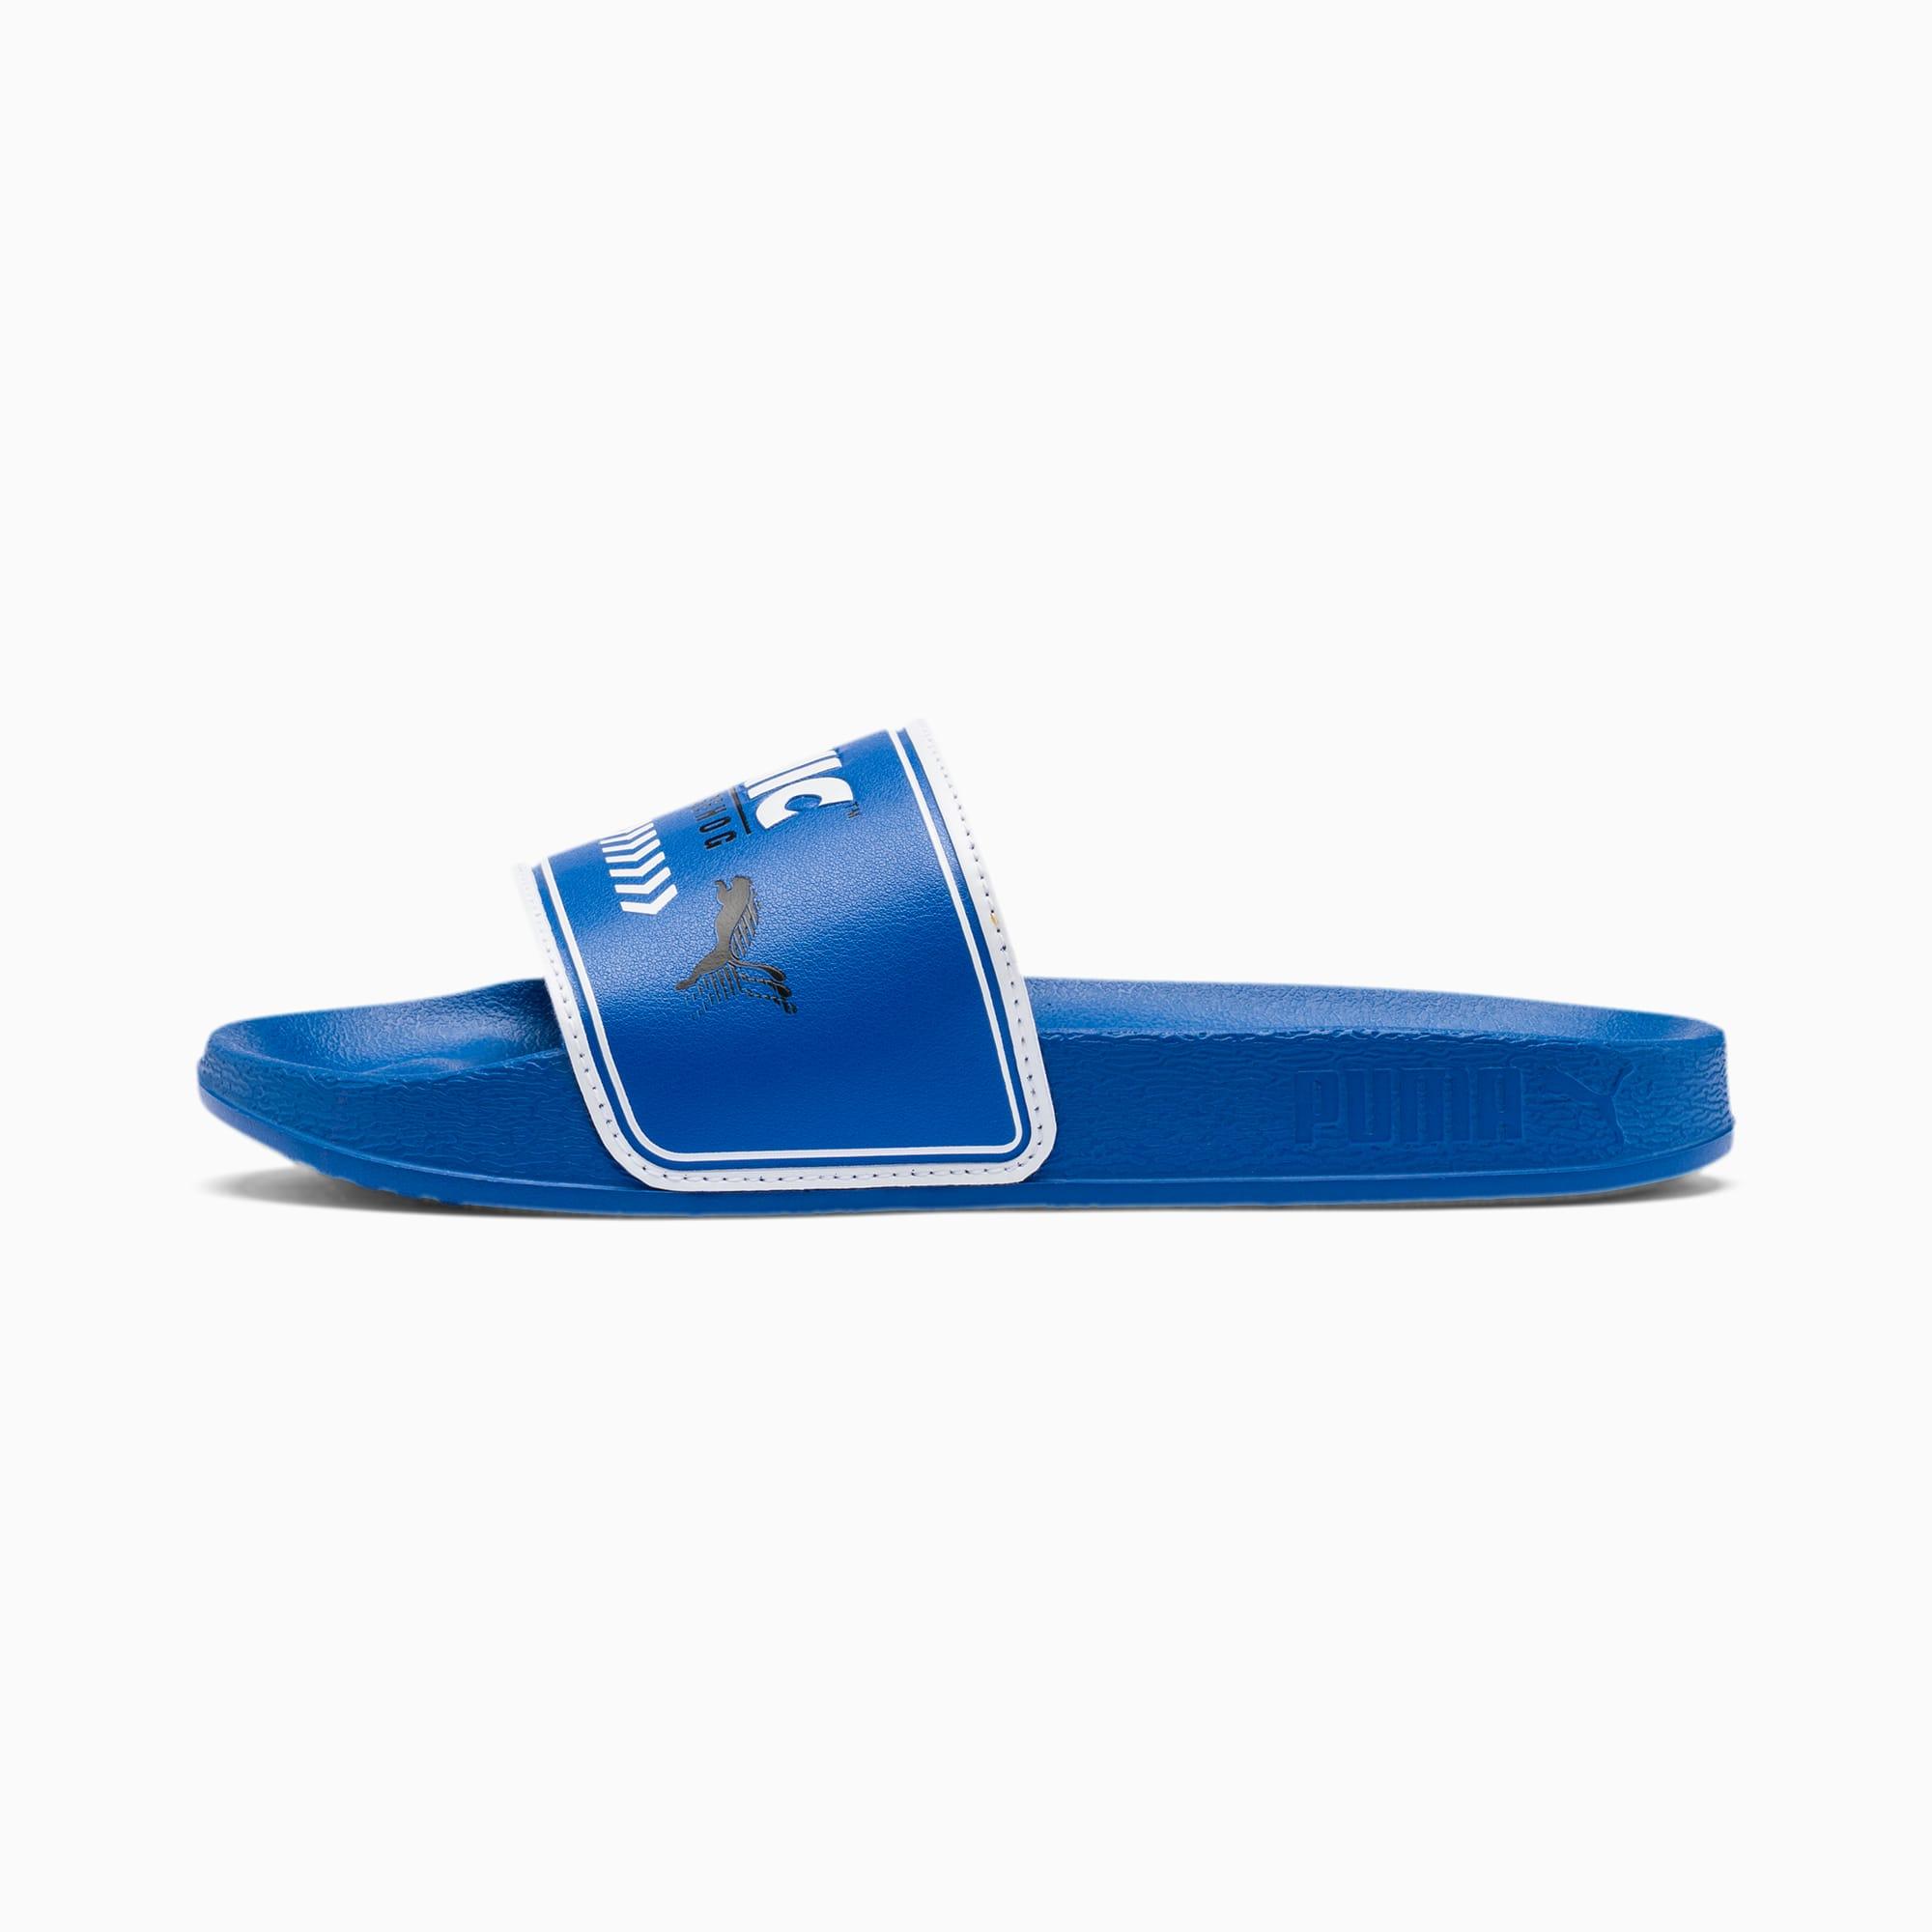 PUMA Sandale PUMA x SONIC Leadcat pour enfant, Bleu/Blanc, Taille 28, Chaussures